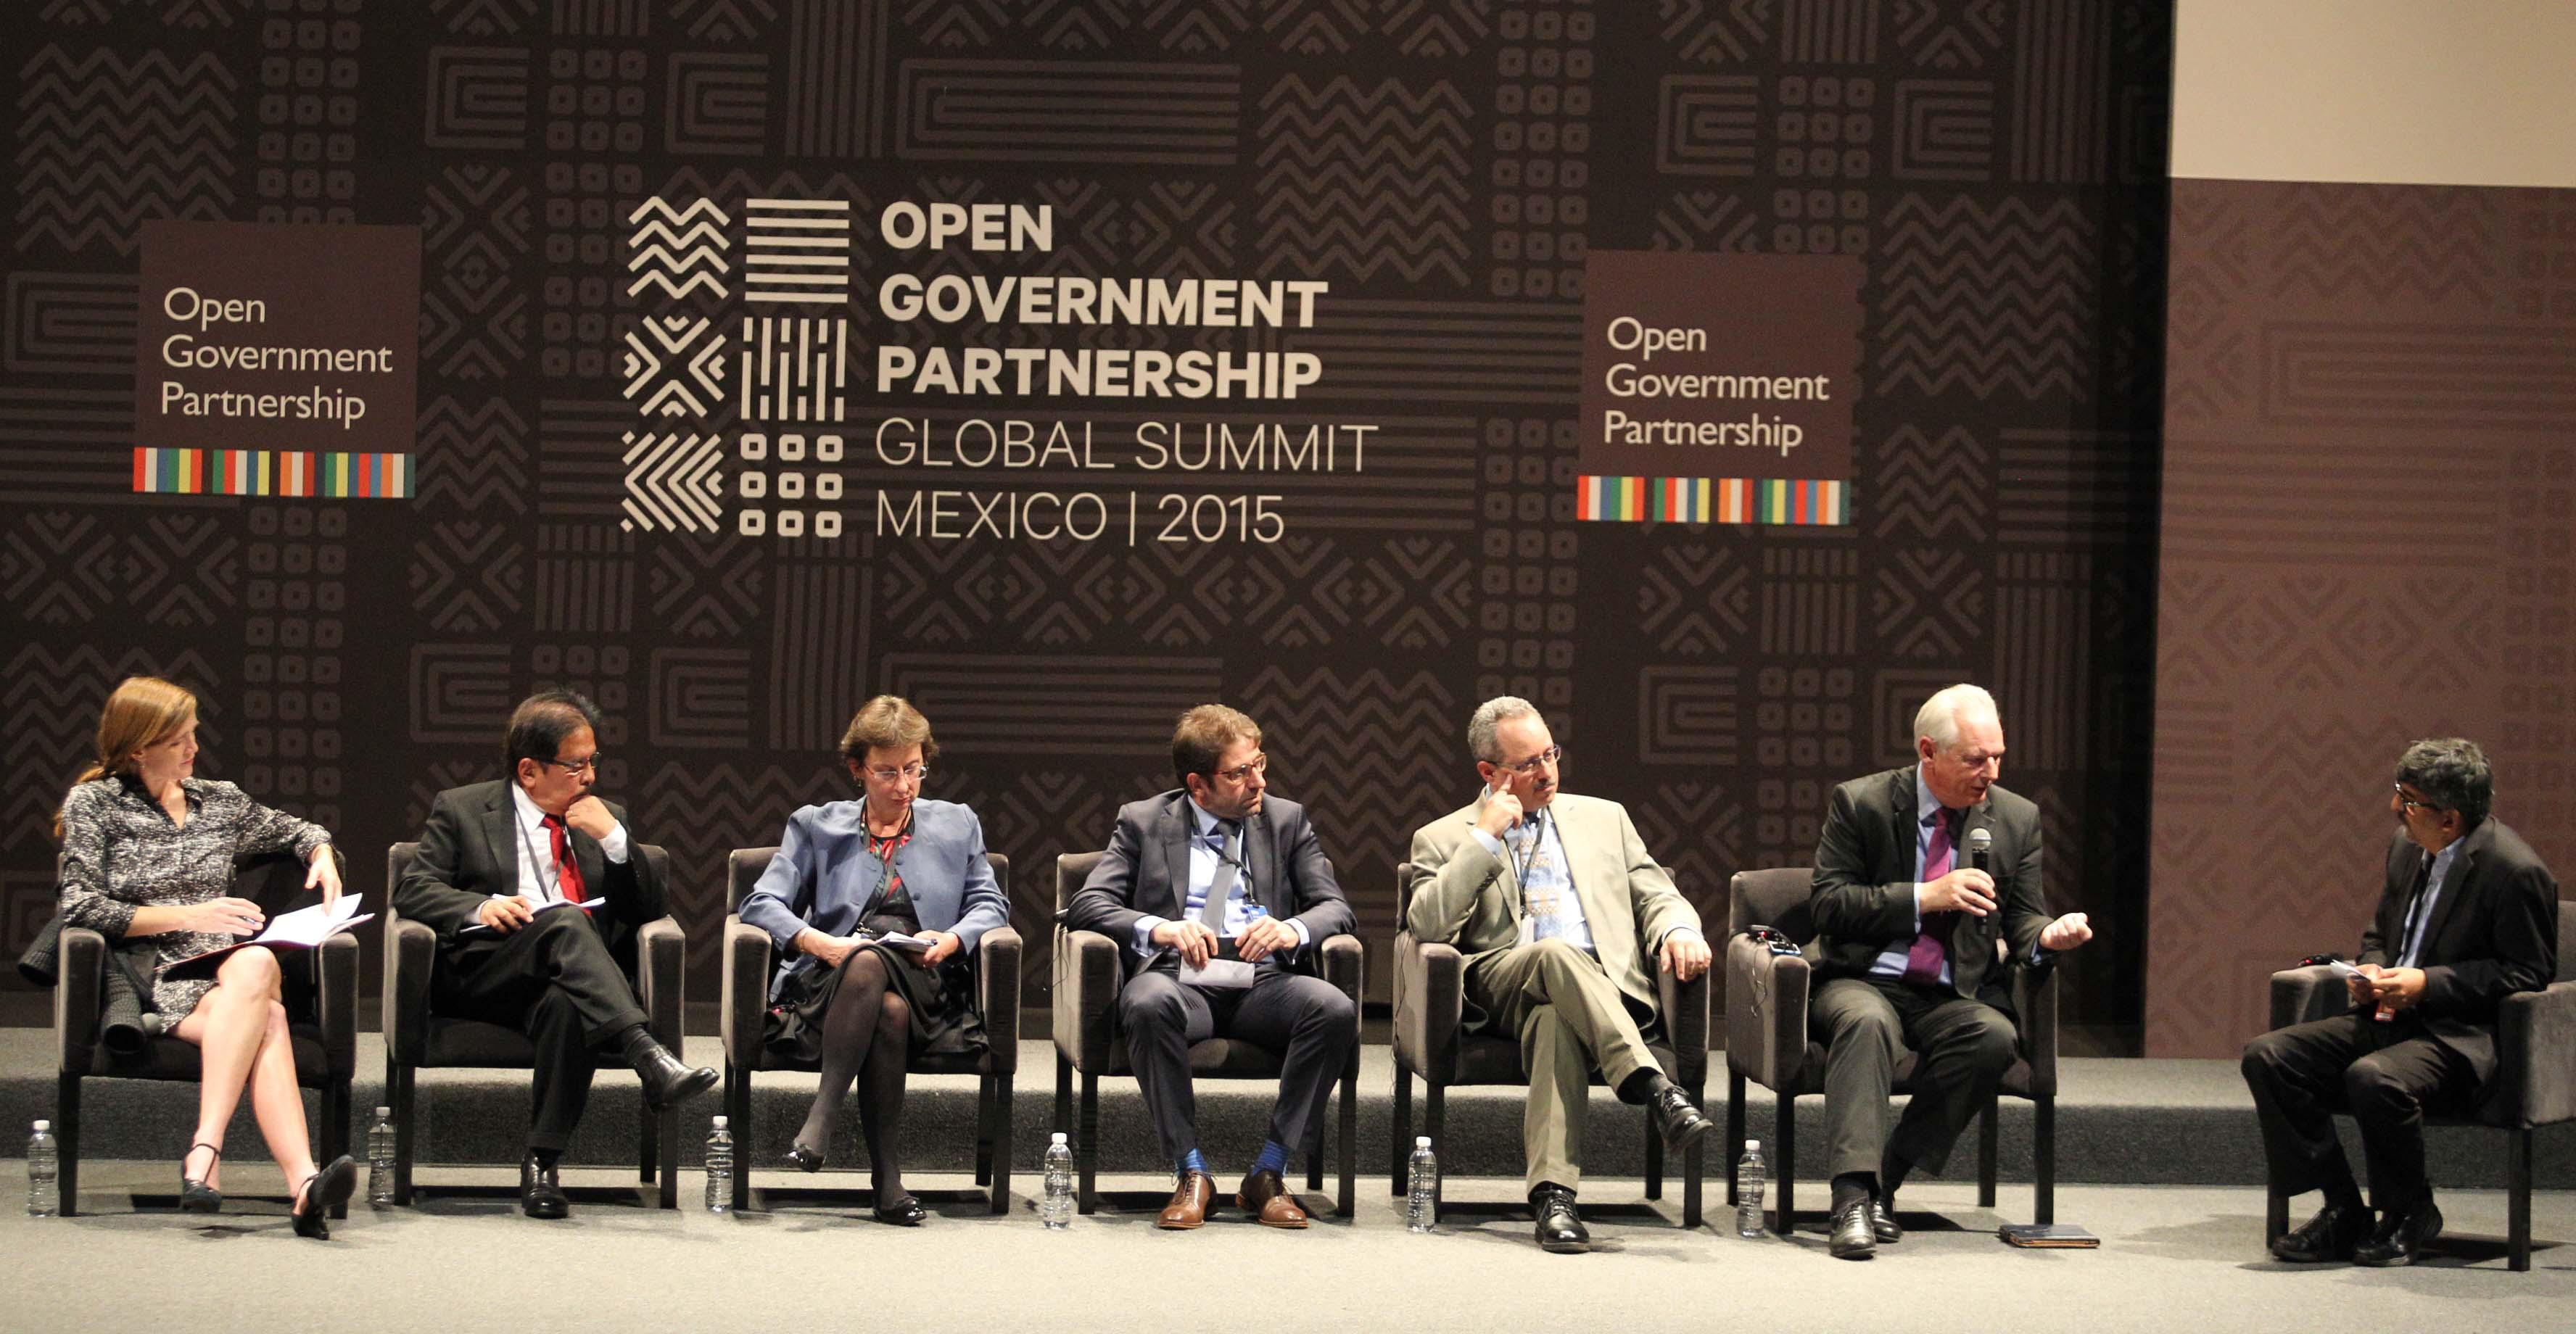 FOTO Panel Alianza para el Gobierno Abierto  cu les son las nuevas fronteras.jpg